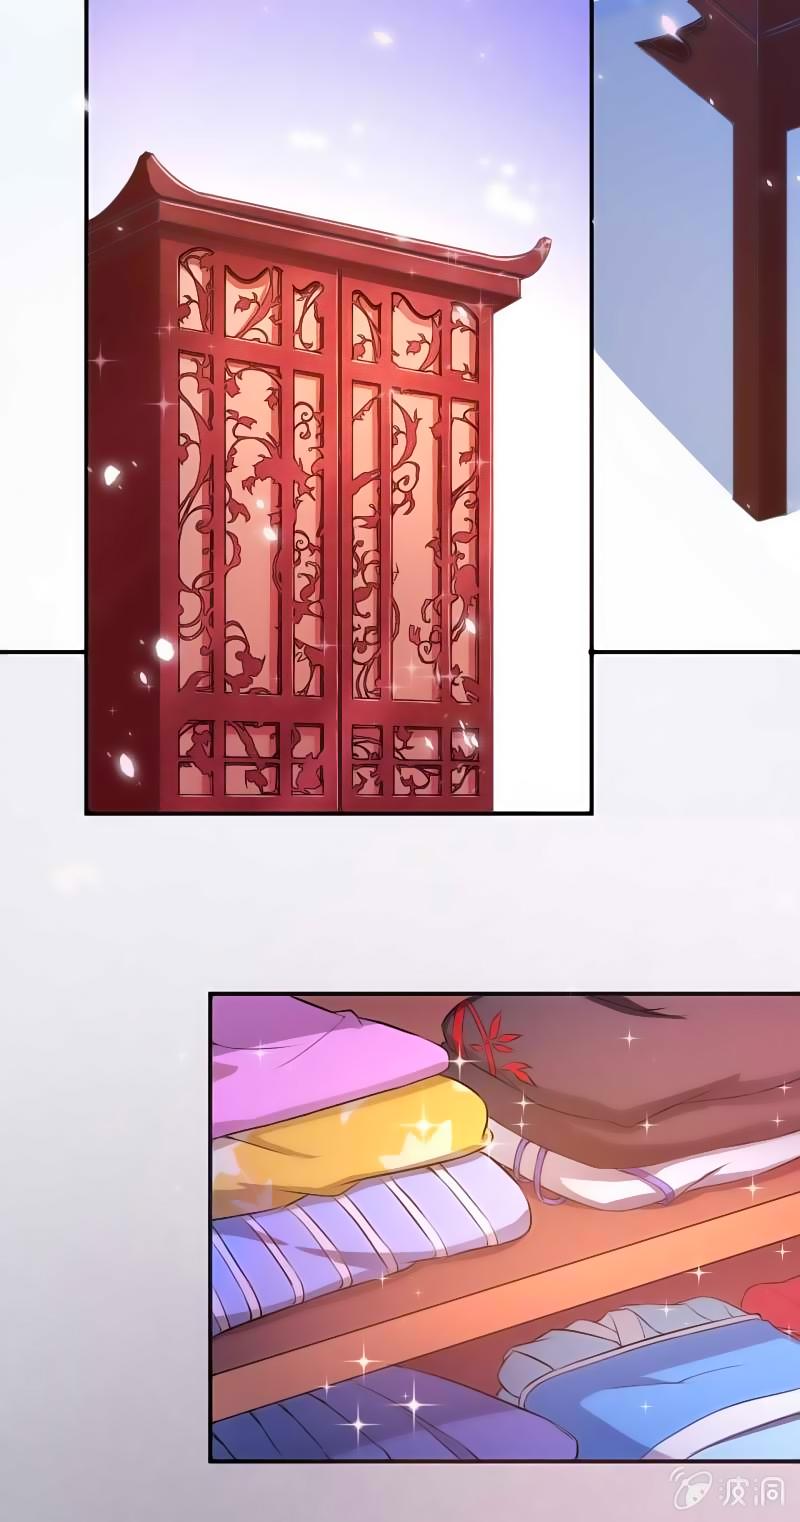 Tà Y Cuồng Thê Chapter 12 video - upload bởi truyensieuhay.com